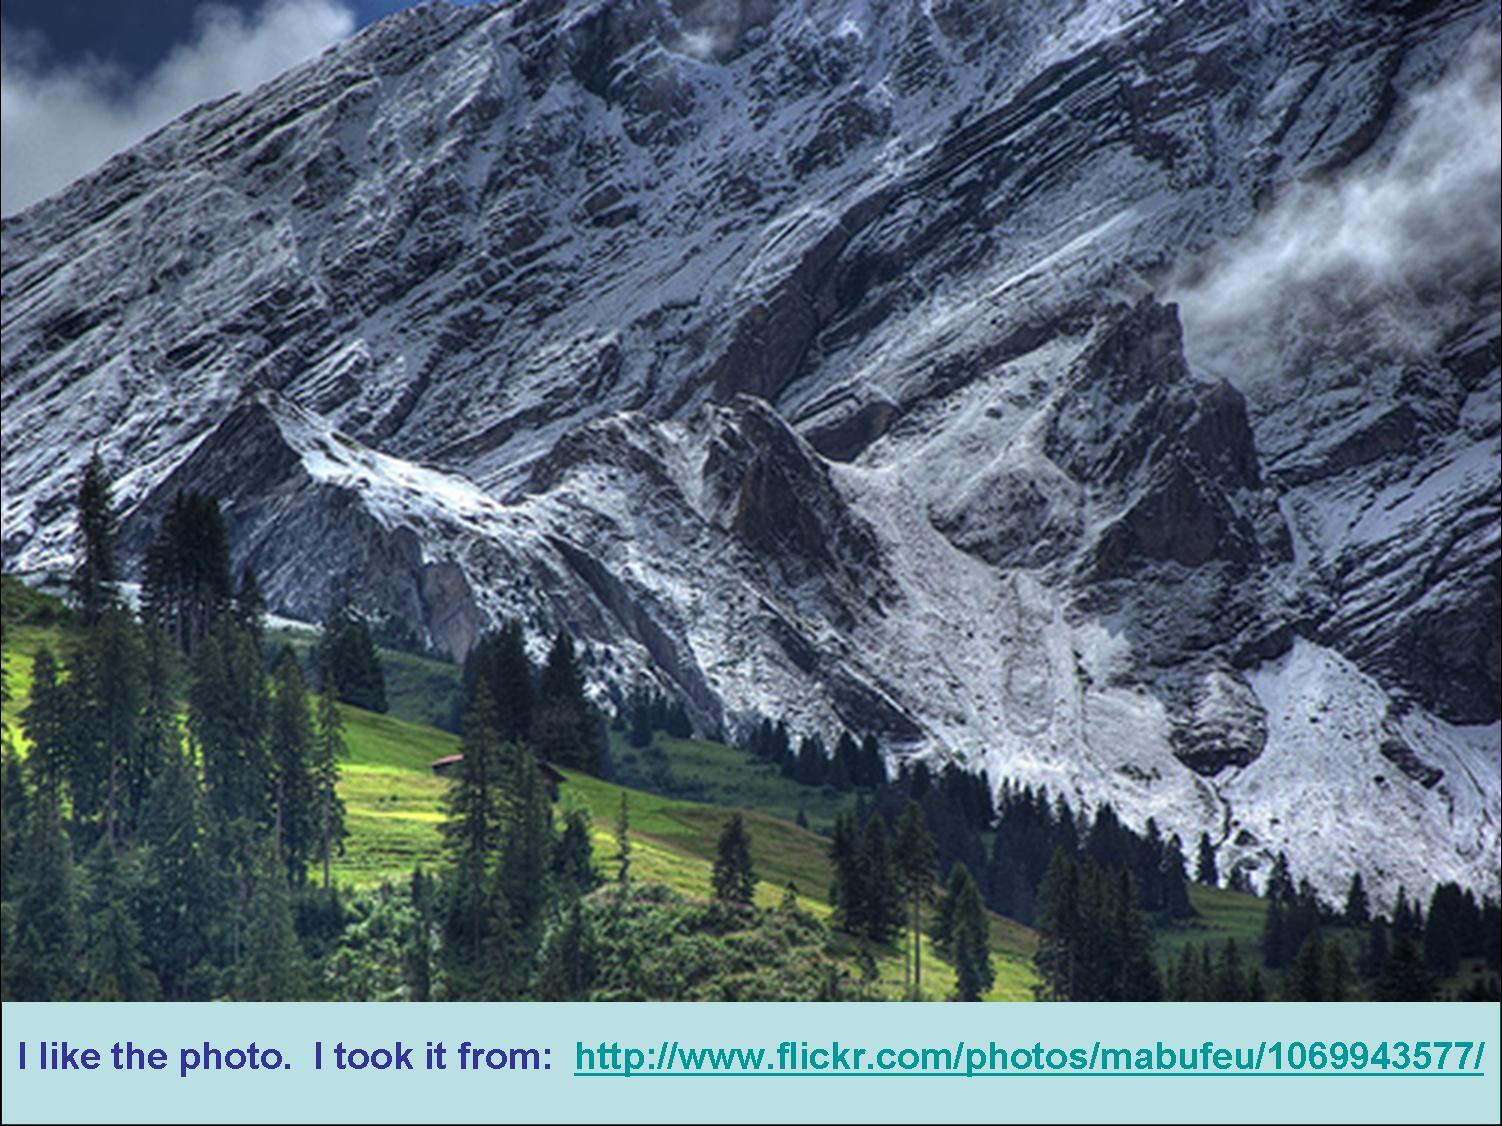 181108-mountain-for-kyrgyzstan